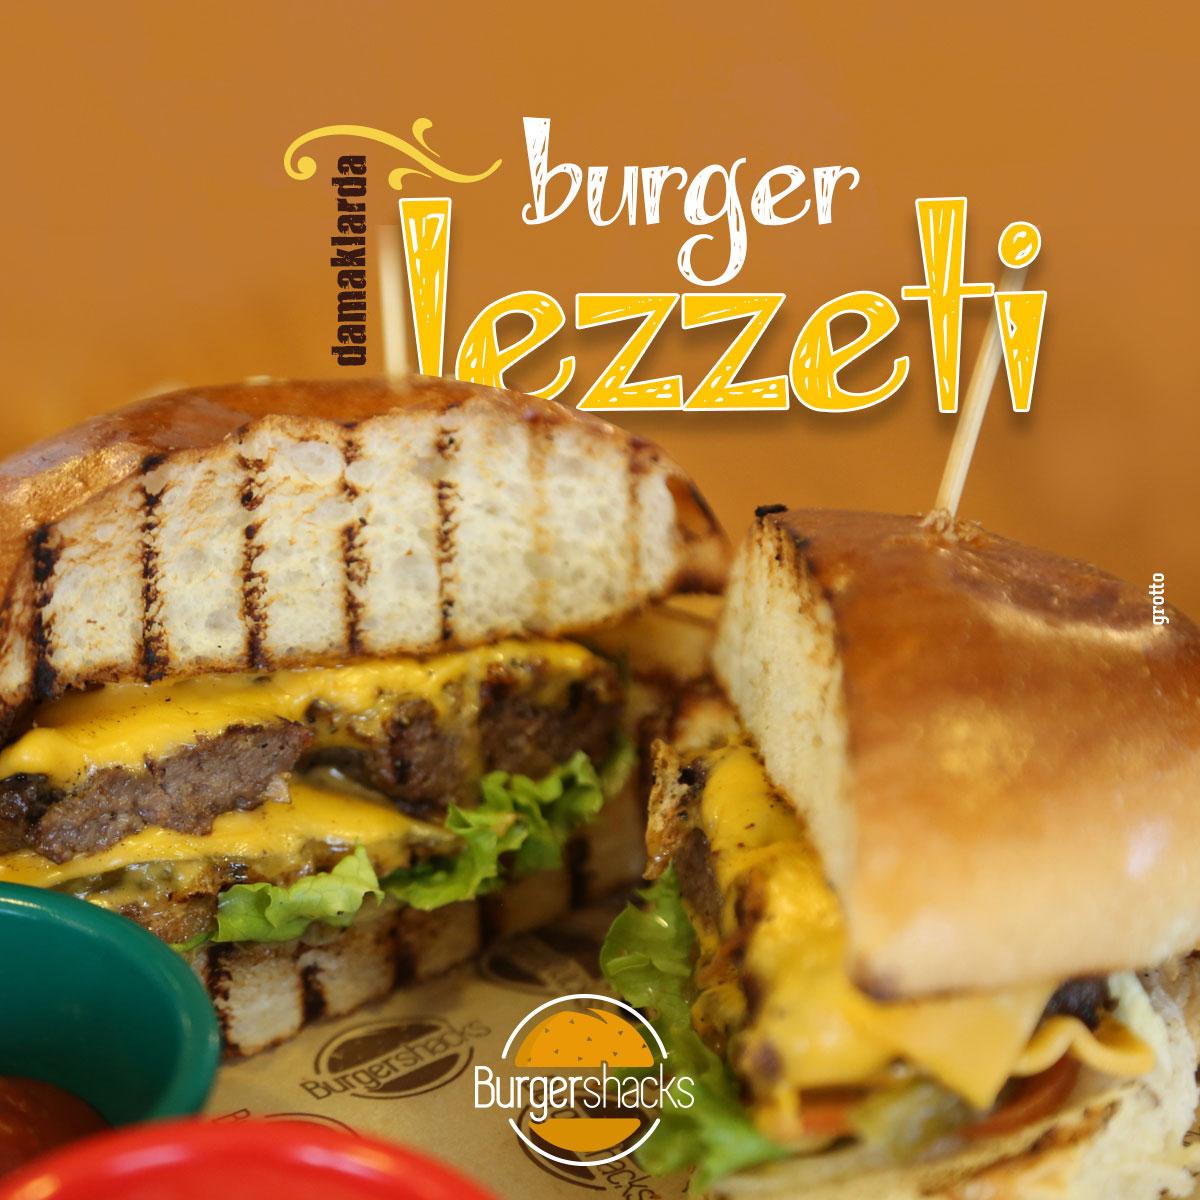 Burgershacks